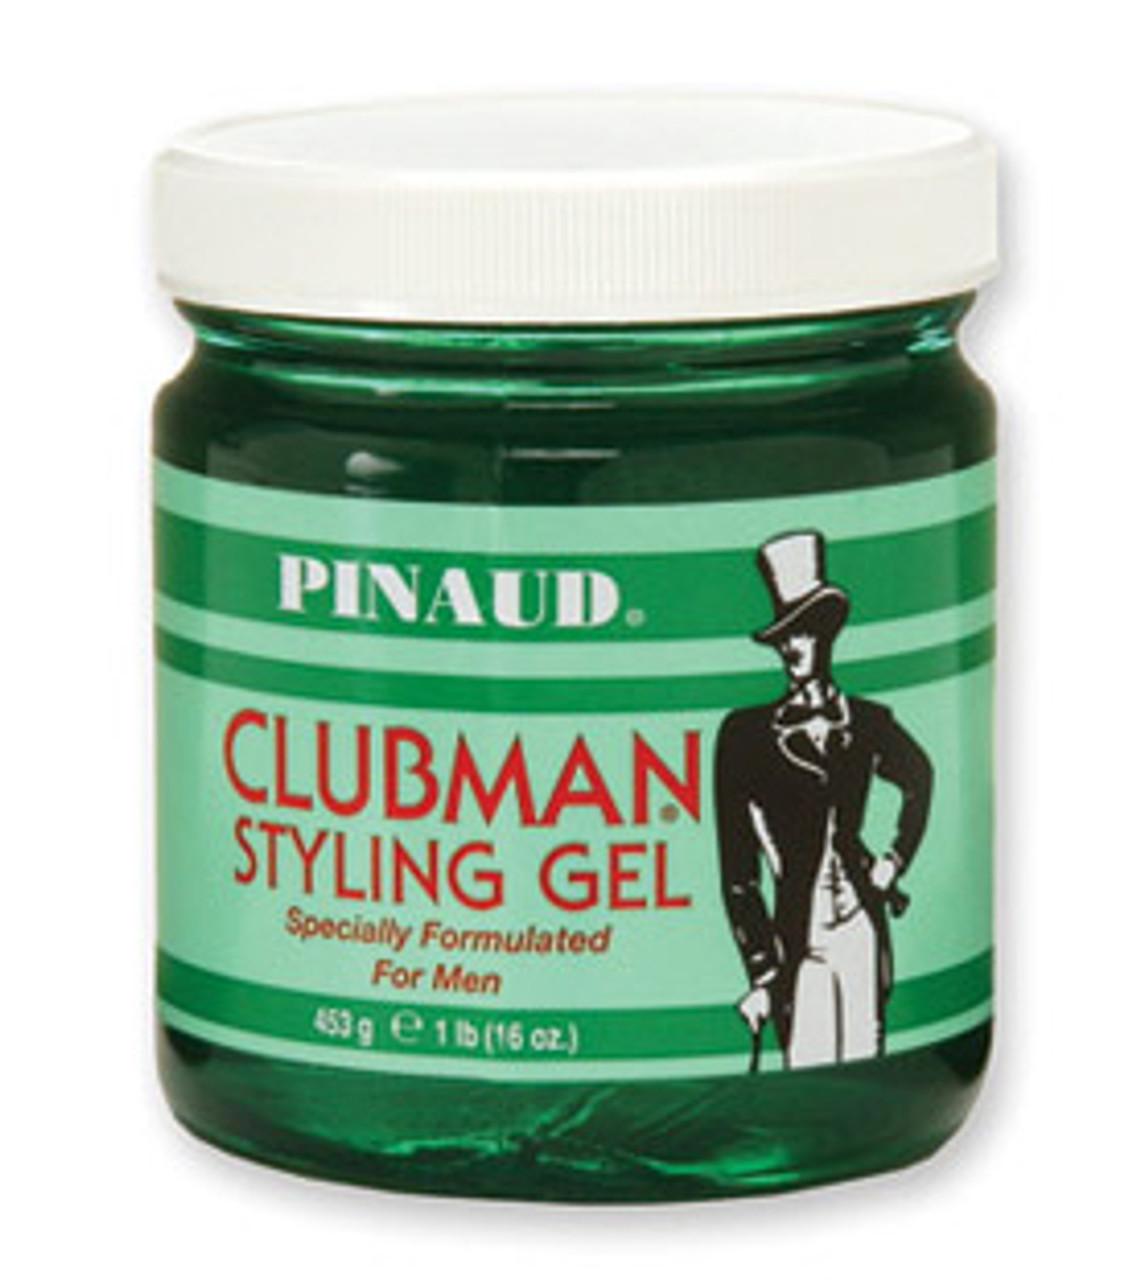 Clubman Styling Gel, Jar, 16 oz. - Hair Styling - Clubman Pinaud